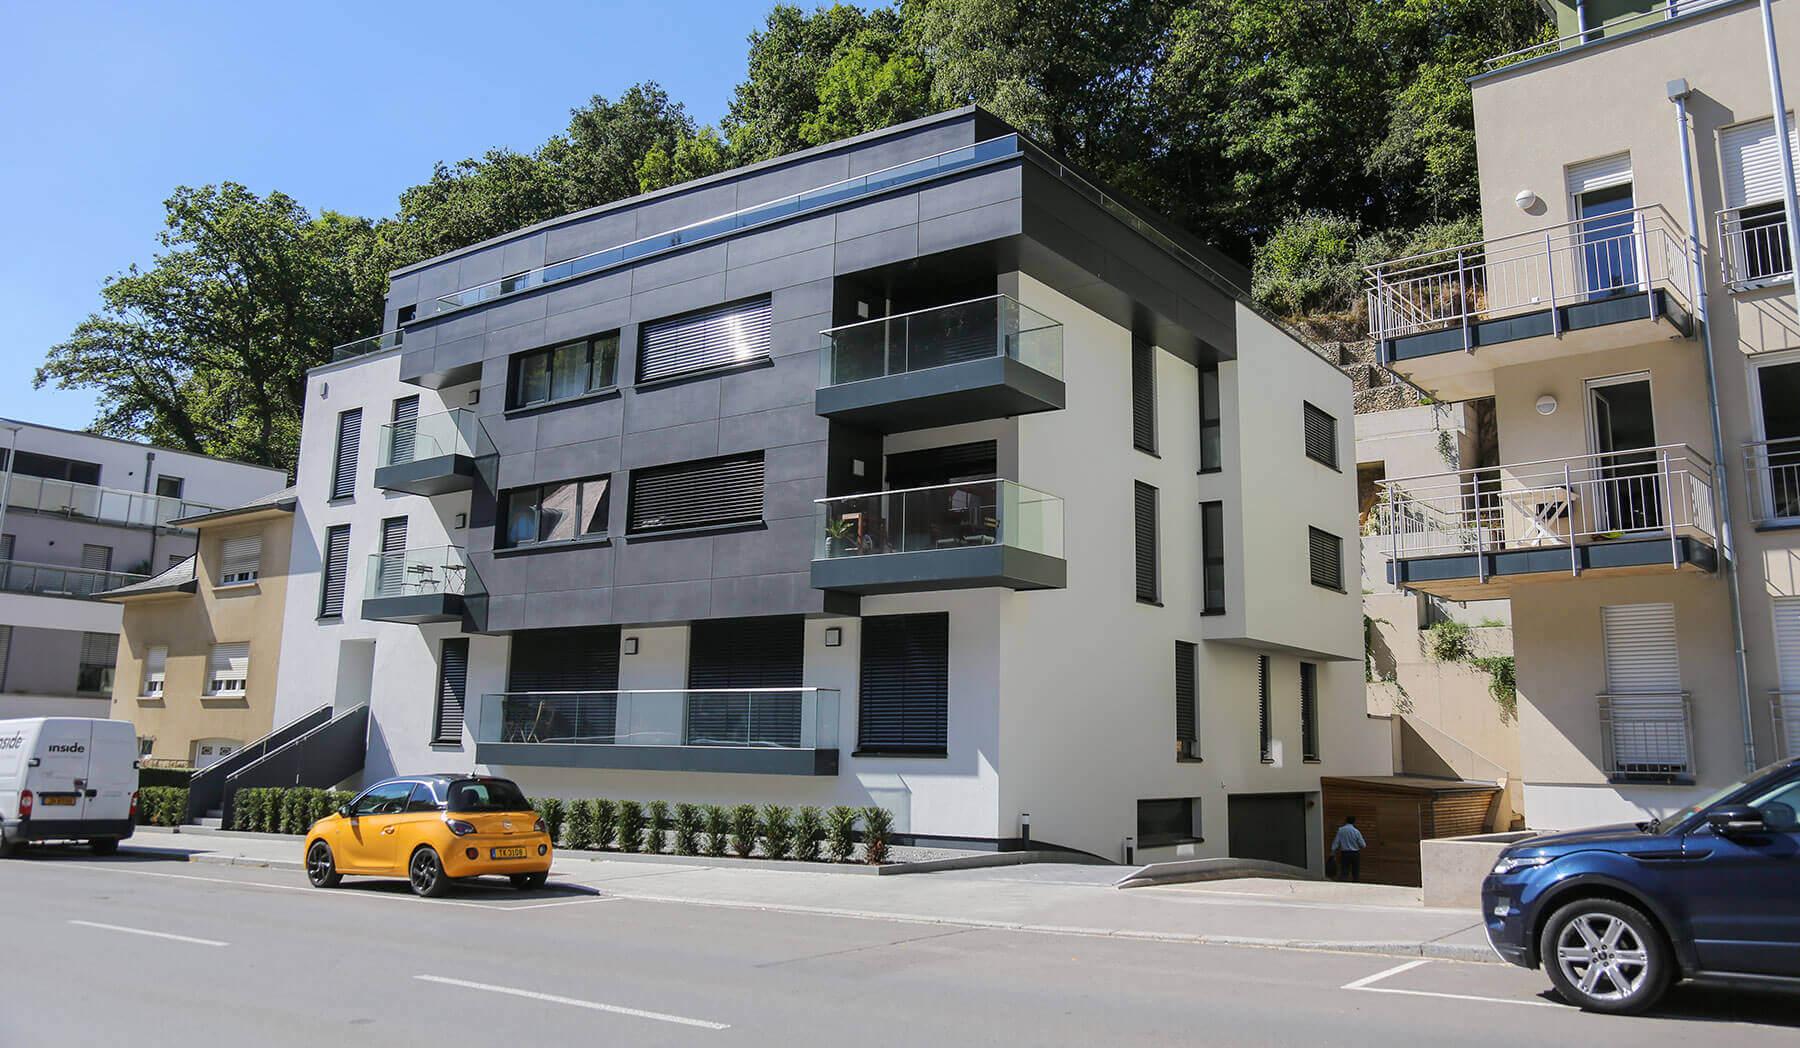 Résidence Les 3 Trèfles à Luxembourg-Neudorf